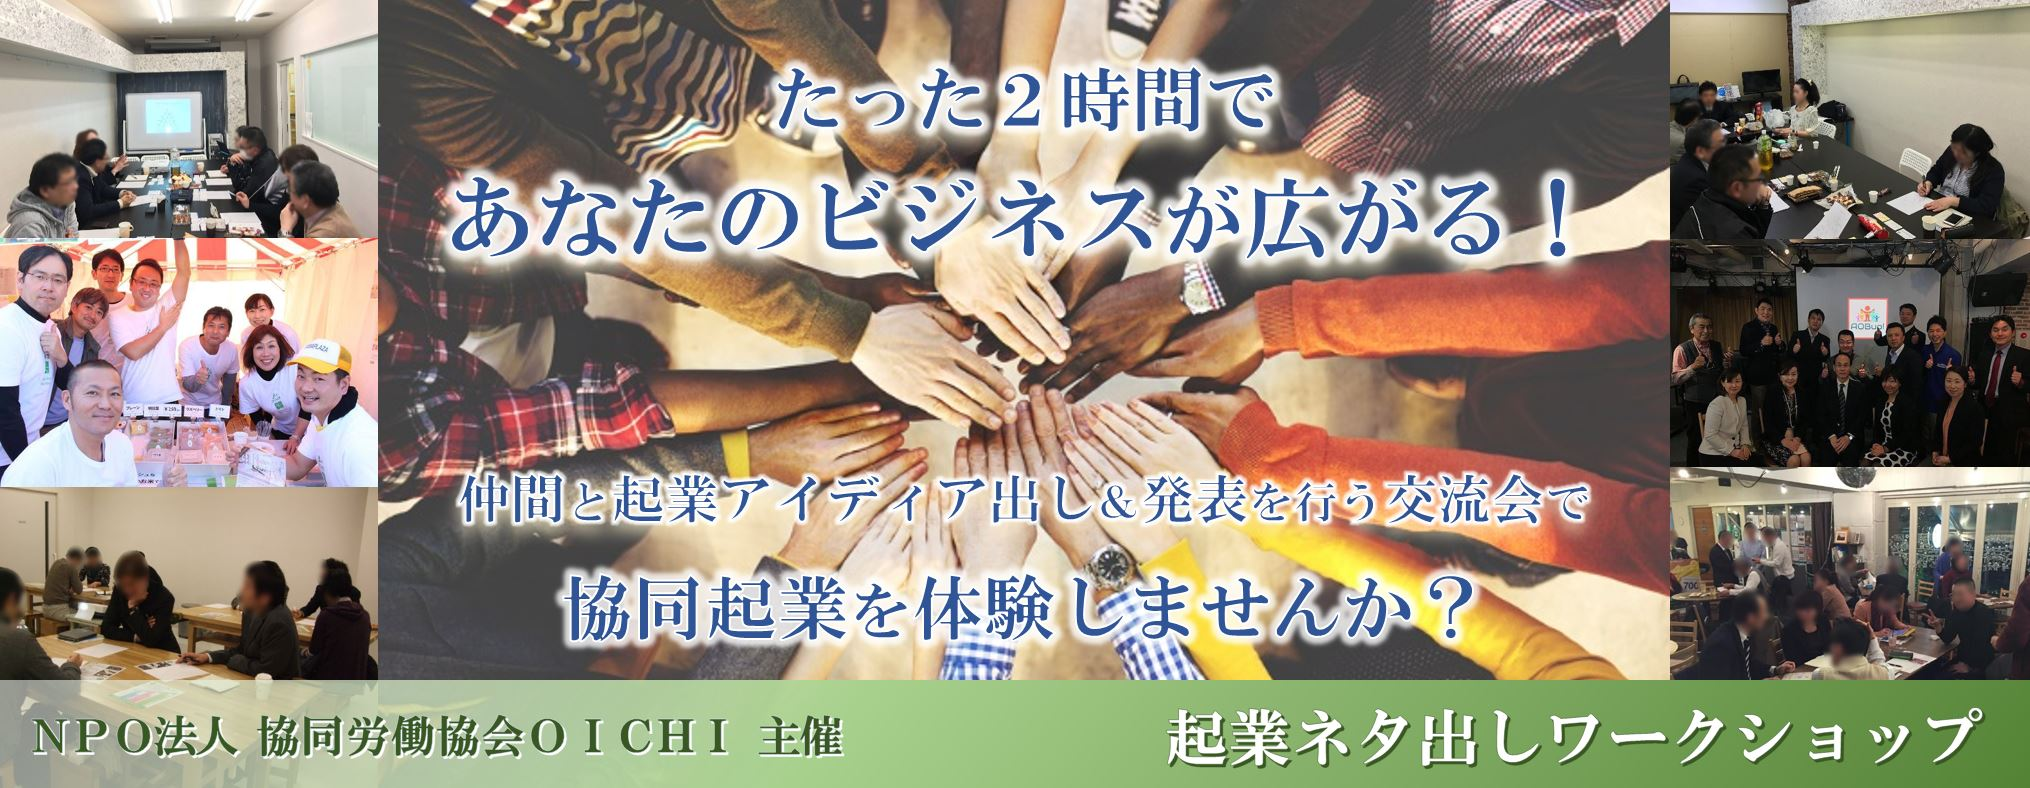 起業ネタ出しワークショップ+弁護士ミニセミナー《5月27日(土)済》